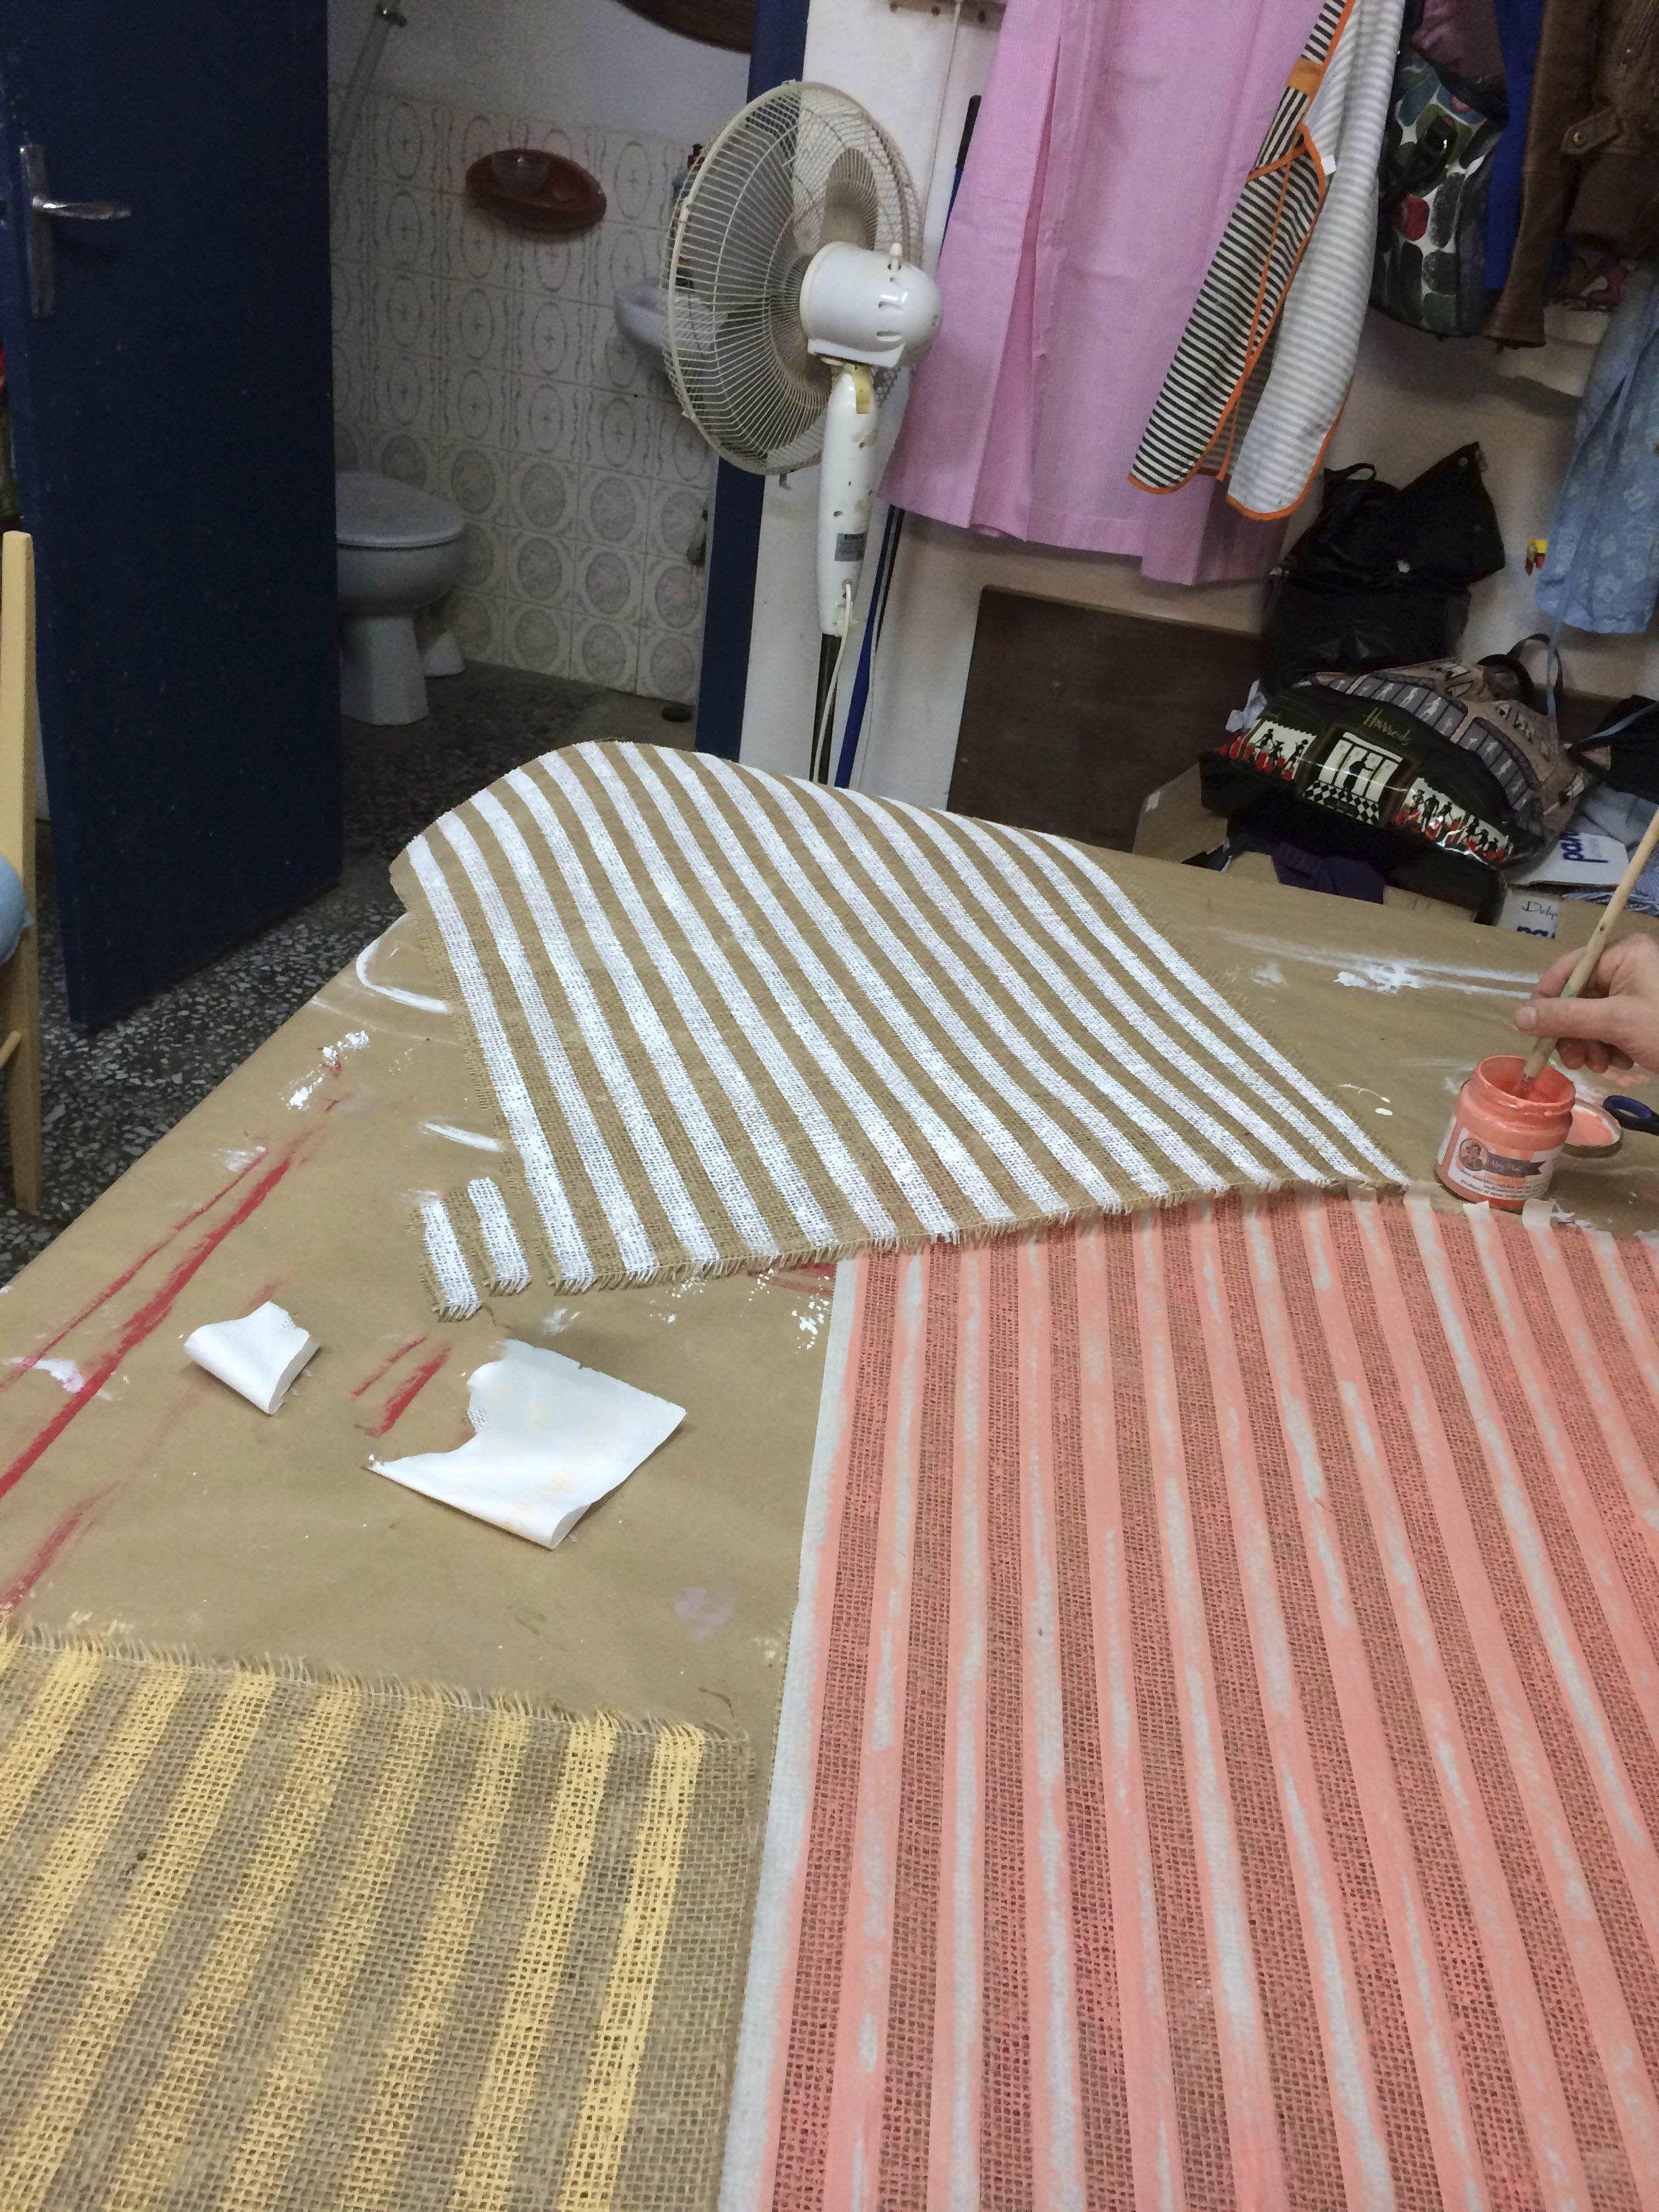 Pintar tejidos y hacer nuestras propias tela con pintura,